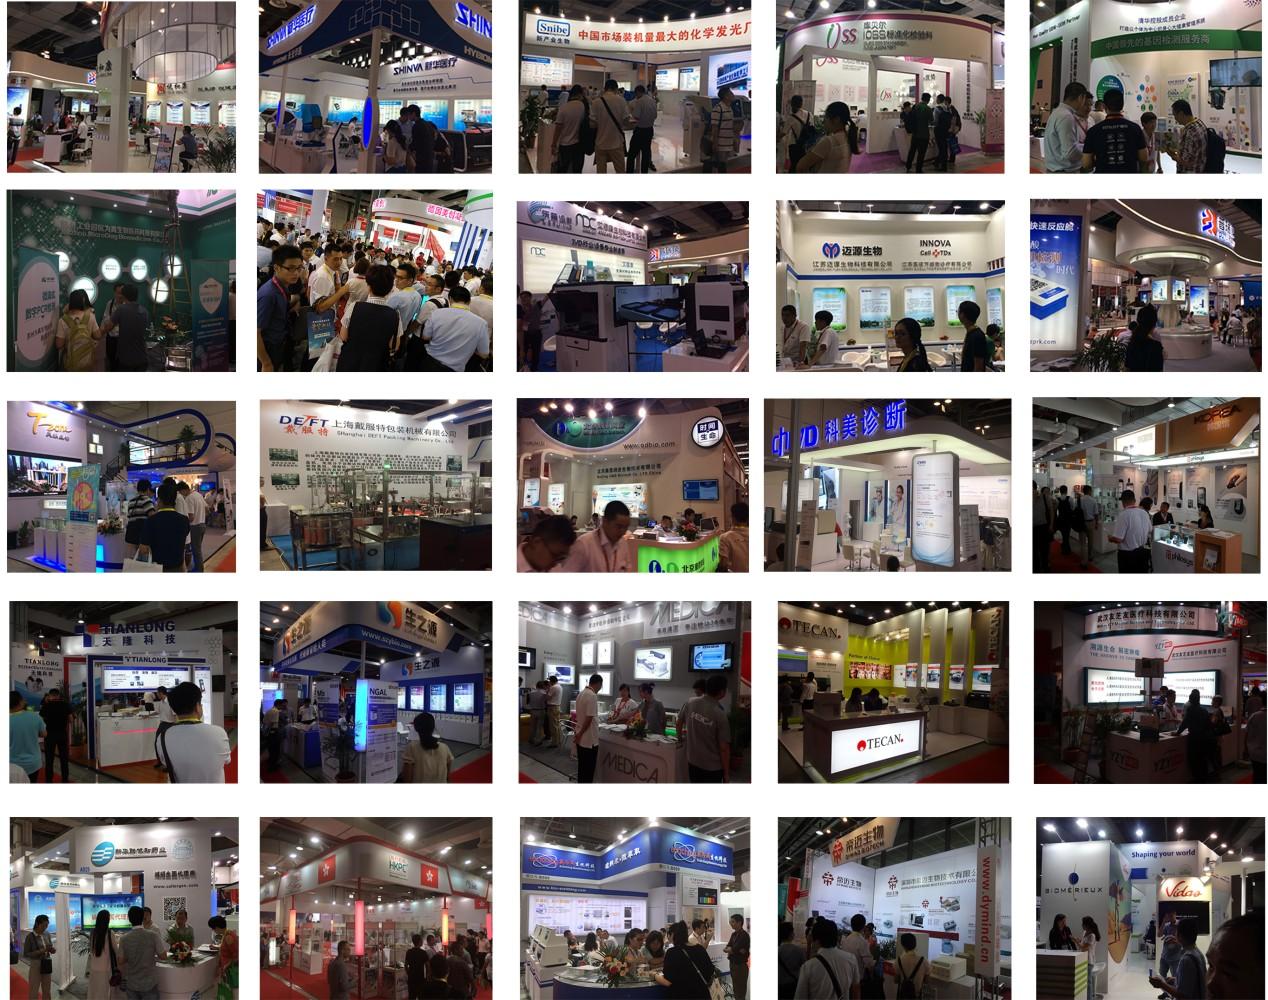 临床检验与实验室设备展览会,于12月28日拉开帷幕